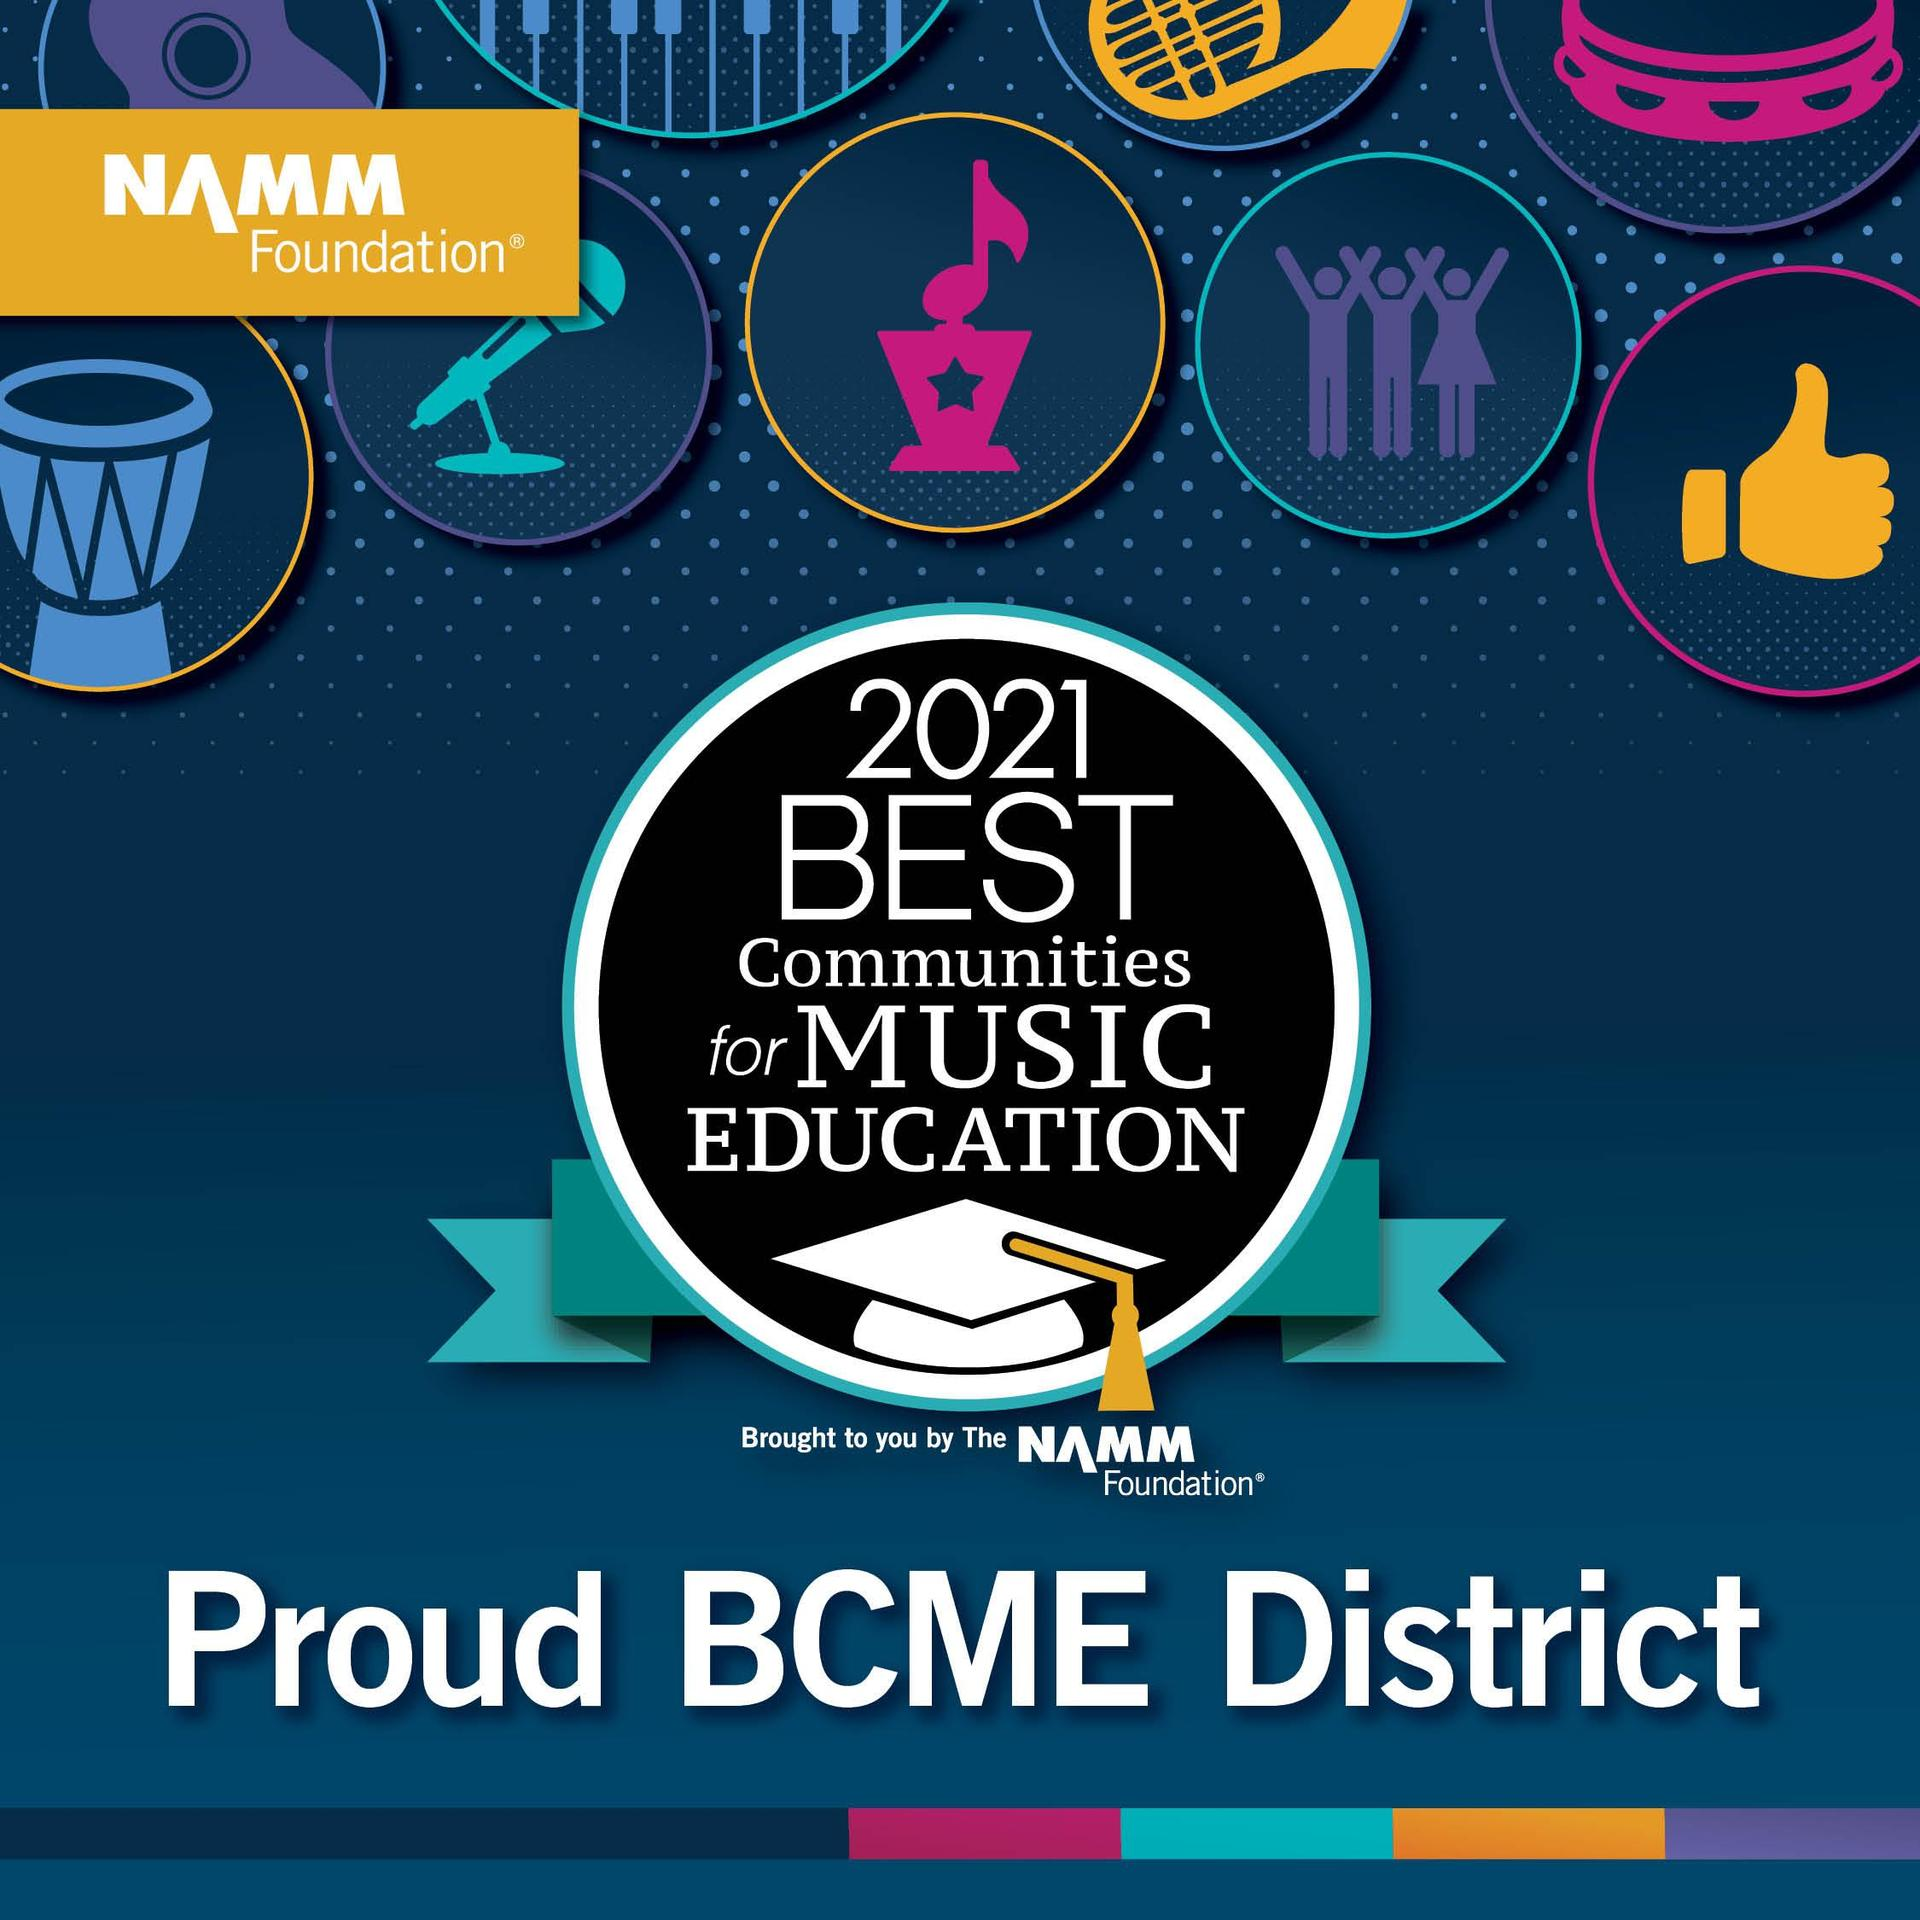 NAMM Award 2021